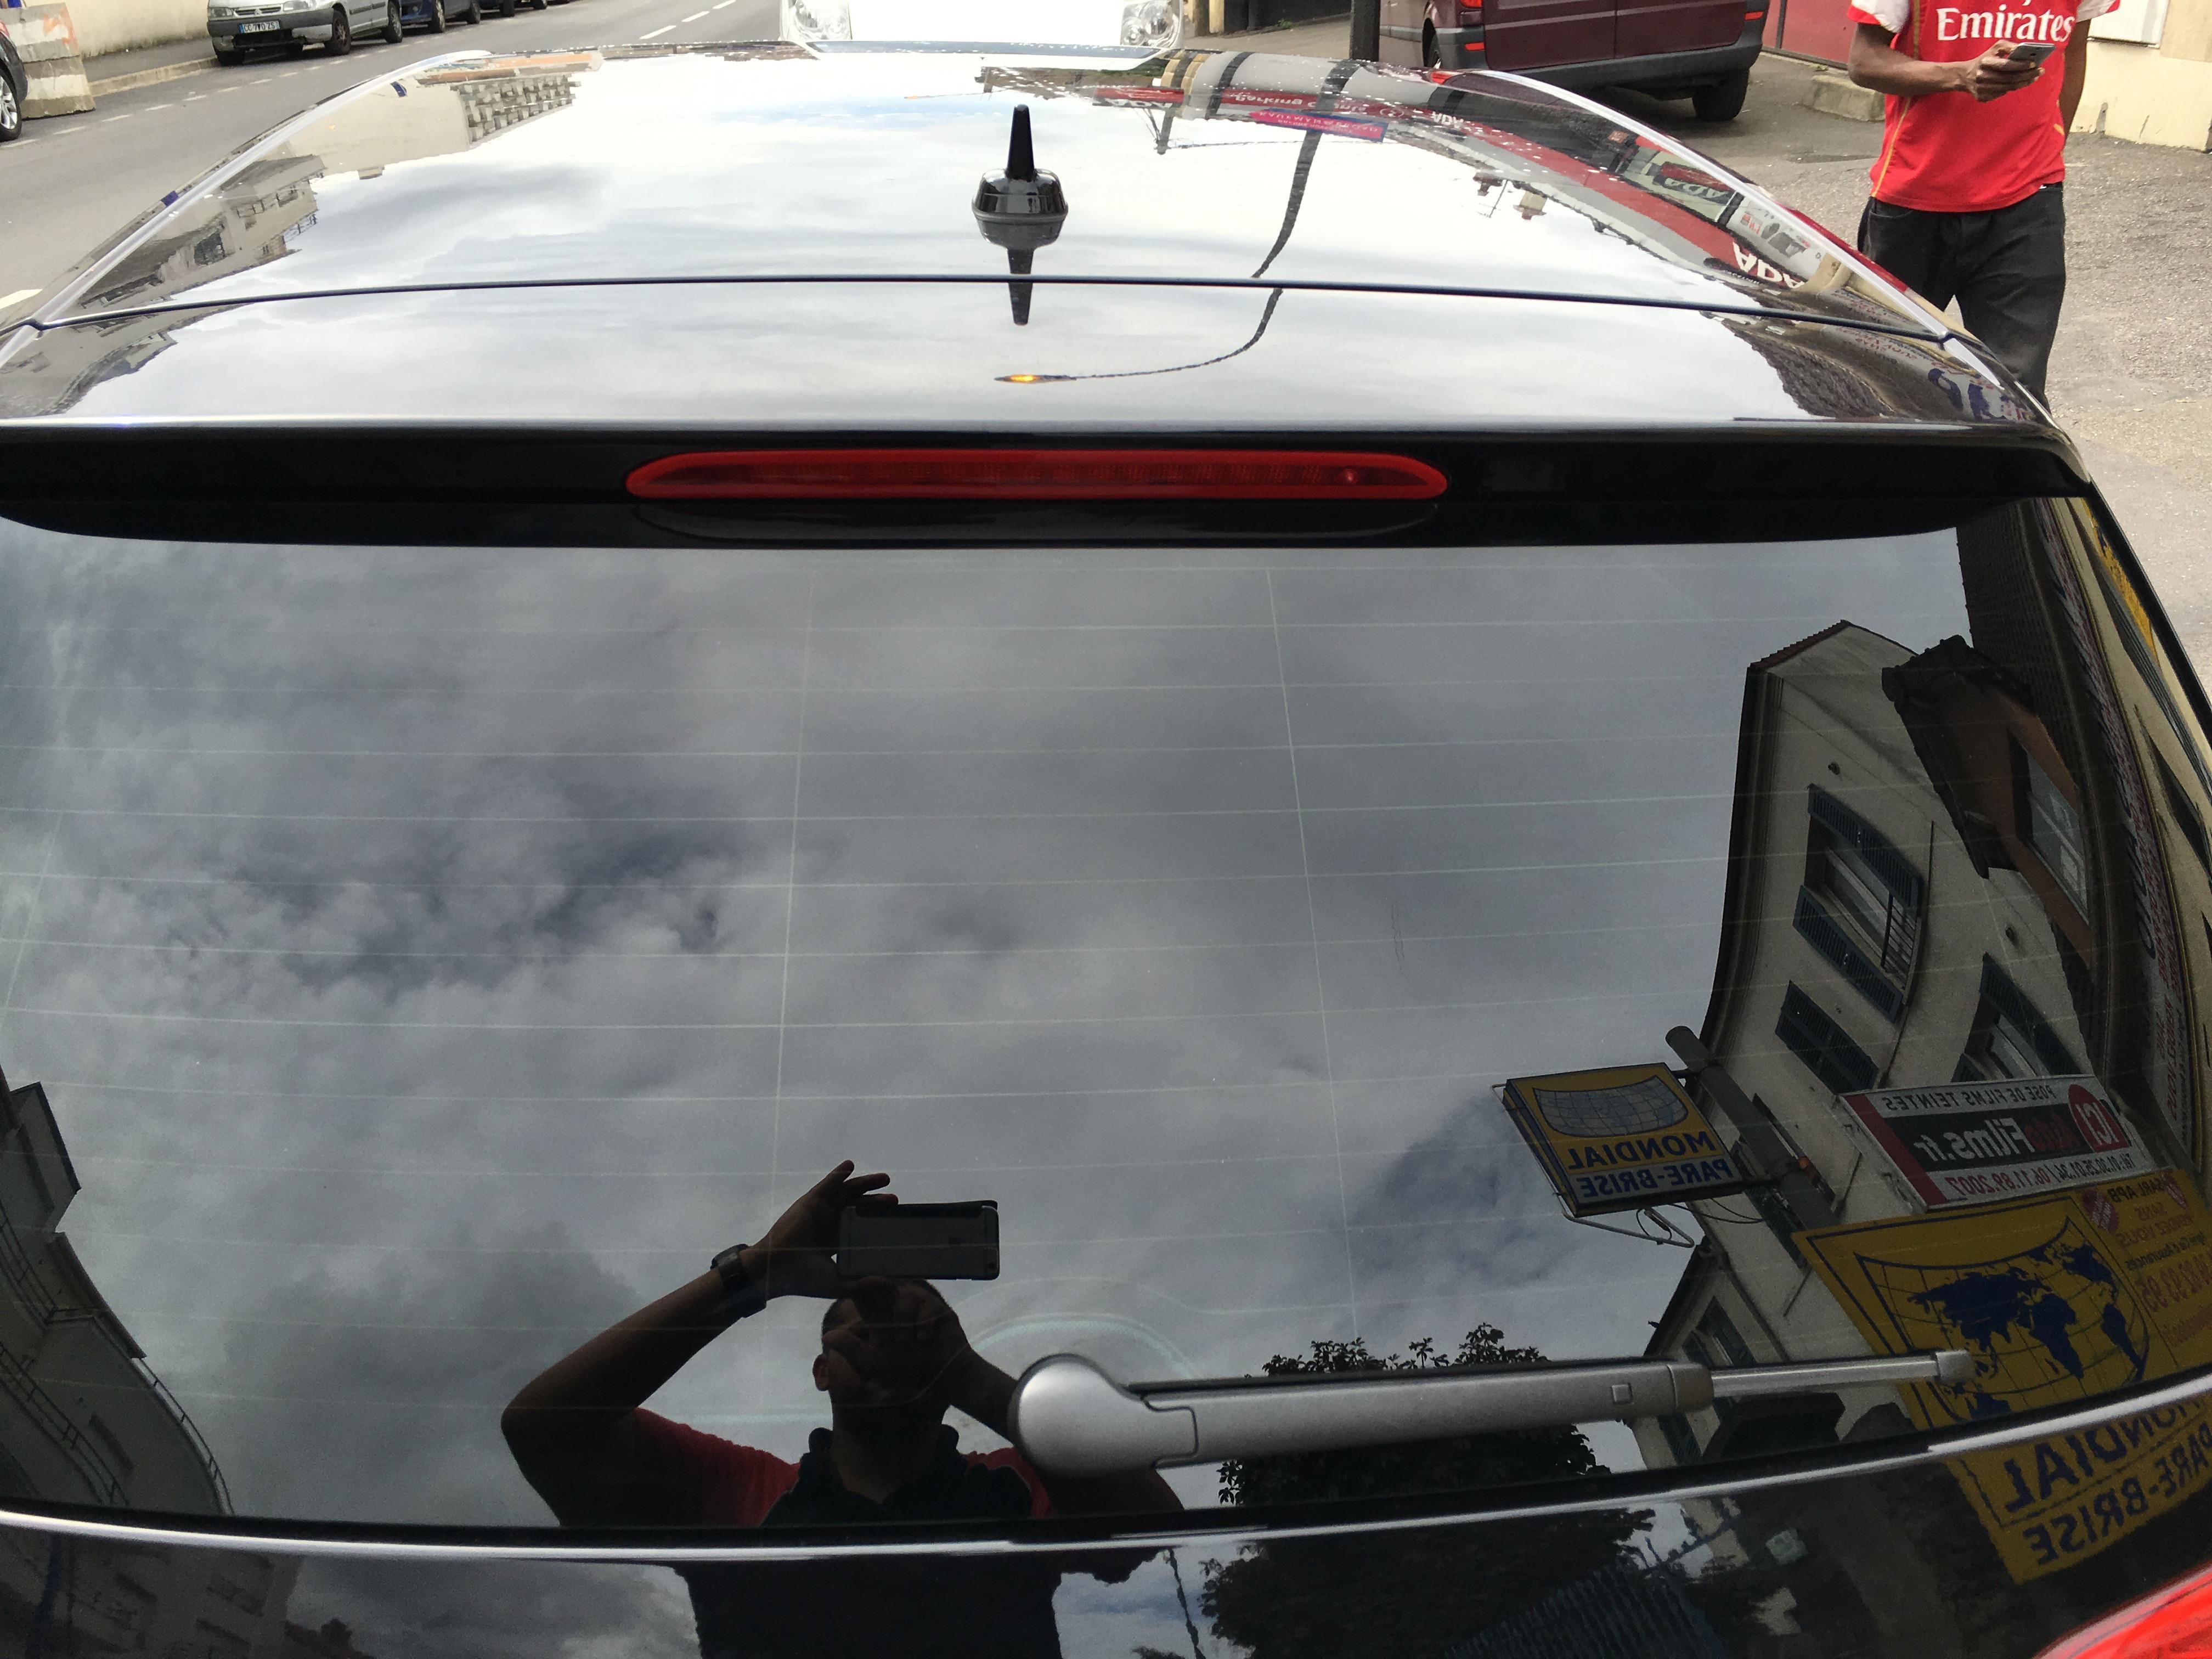 img 0586 vitre teint e automobile pose vitres teint es pour voiture autofilms sp cialise. Black Bedroom Furniture Sets. Home Design Ideas